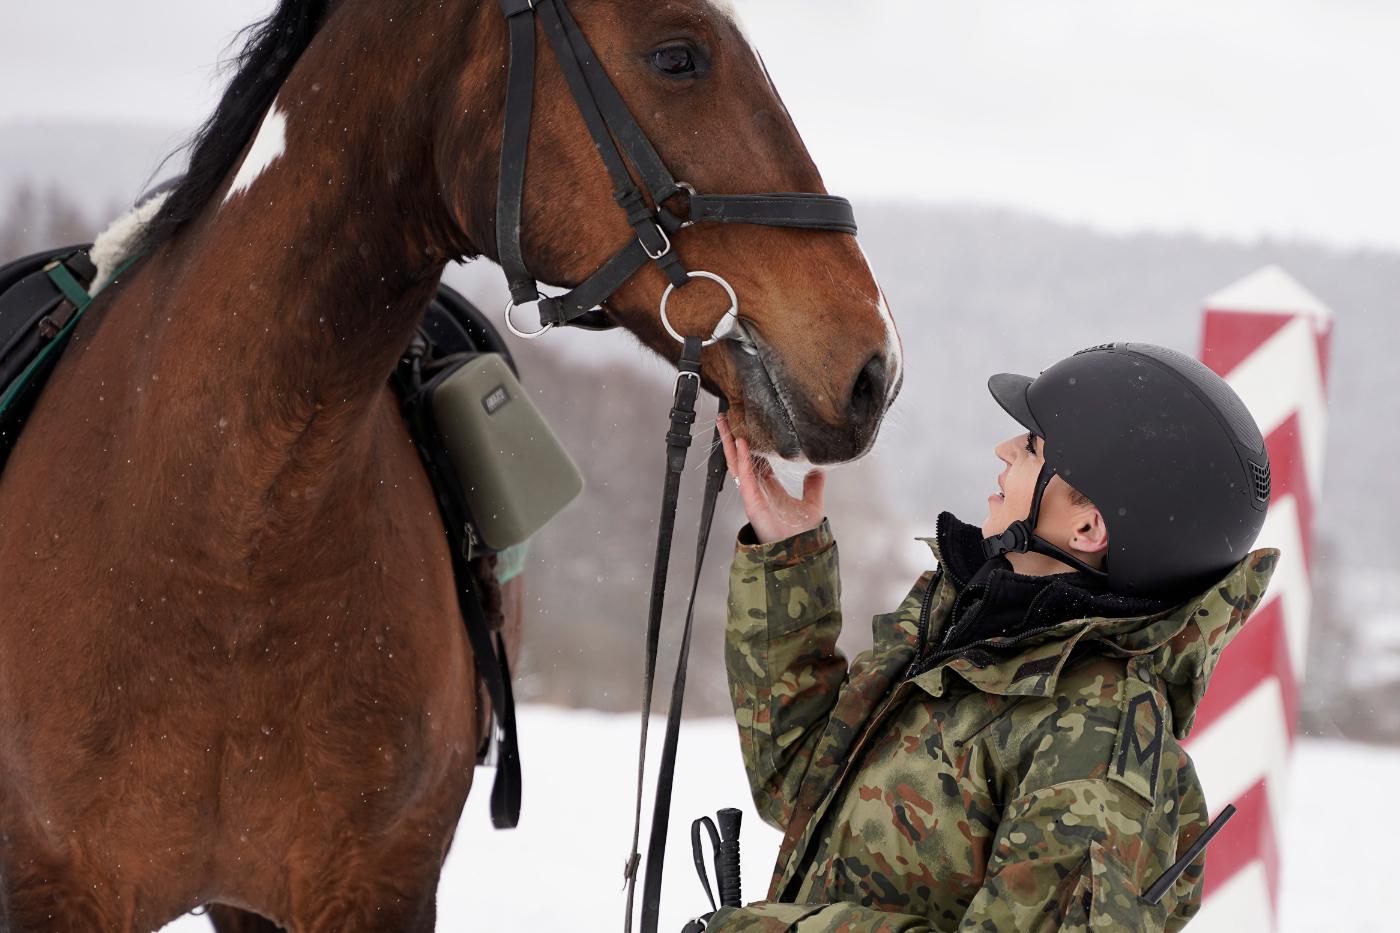 Ogólnopolski Dzień Konia. Bieszczadzki Oddział Straży Granicznej pamięta o dzisiejszym święcie! [ZDJĘCIA+WIDEO] - Zdjęcie główne